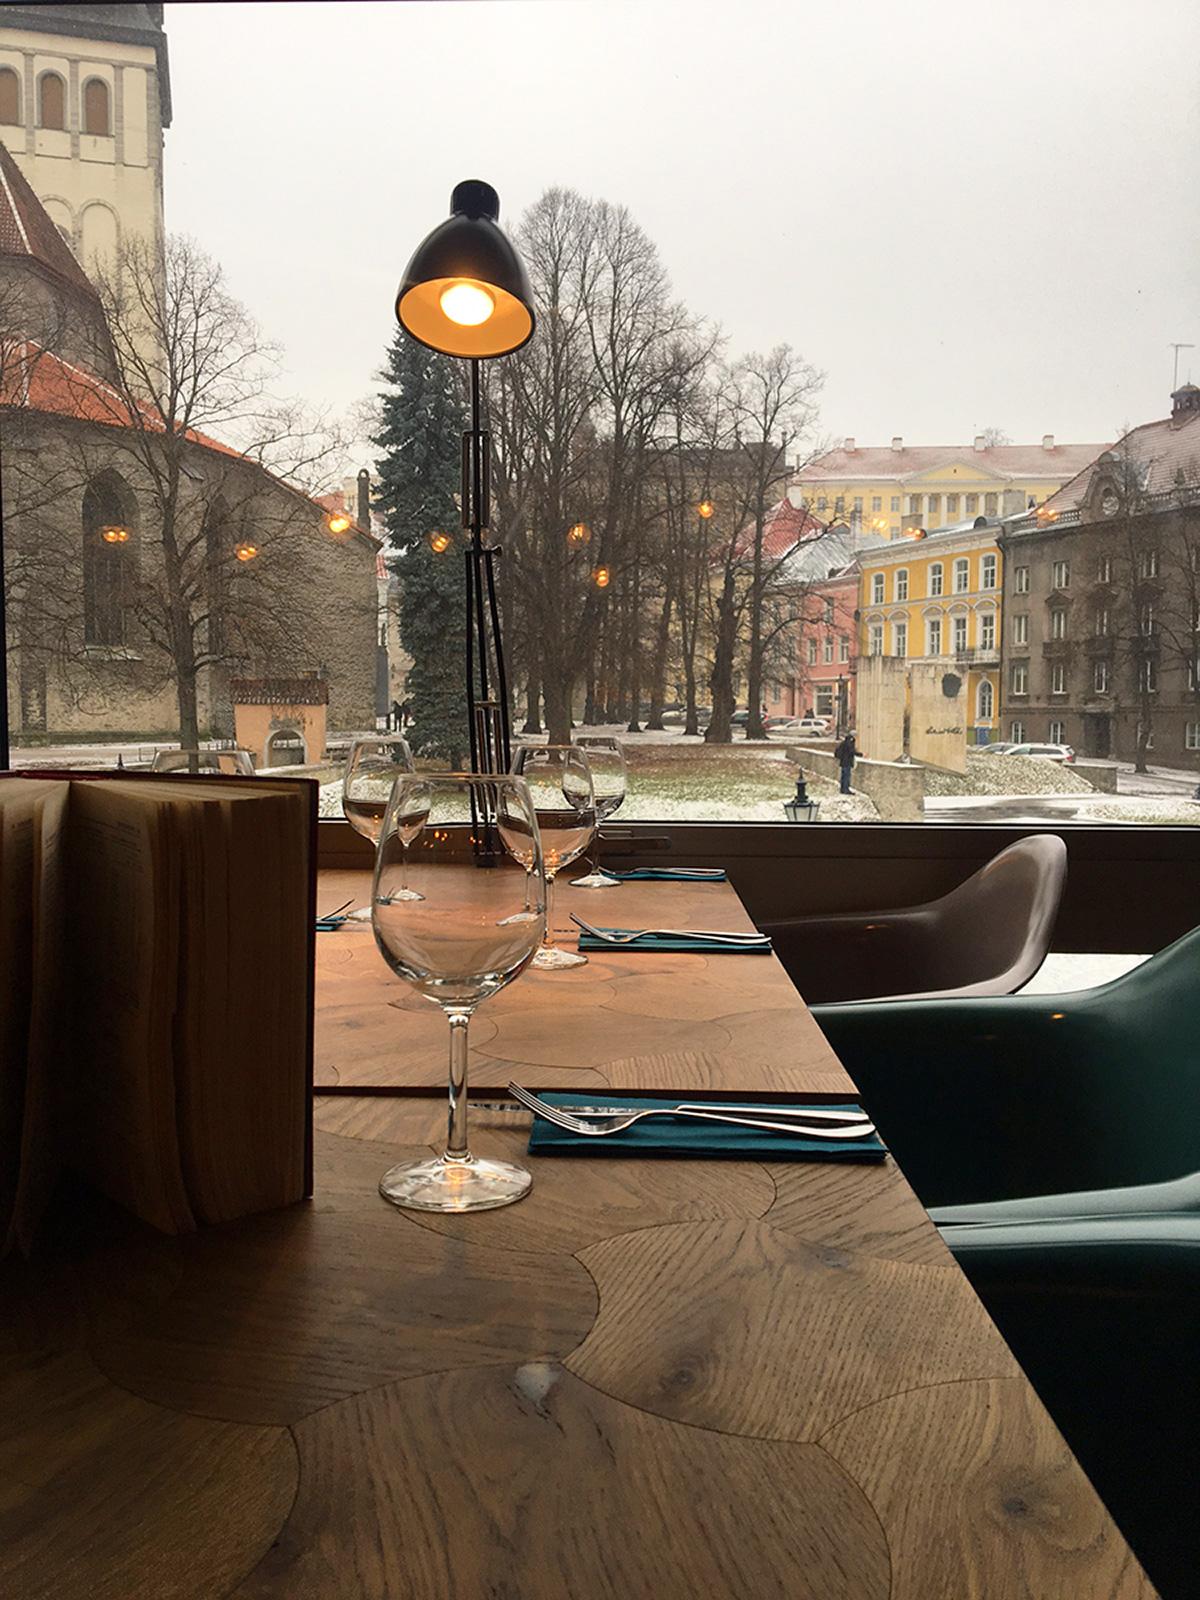 Restoran_Pegasus